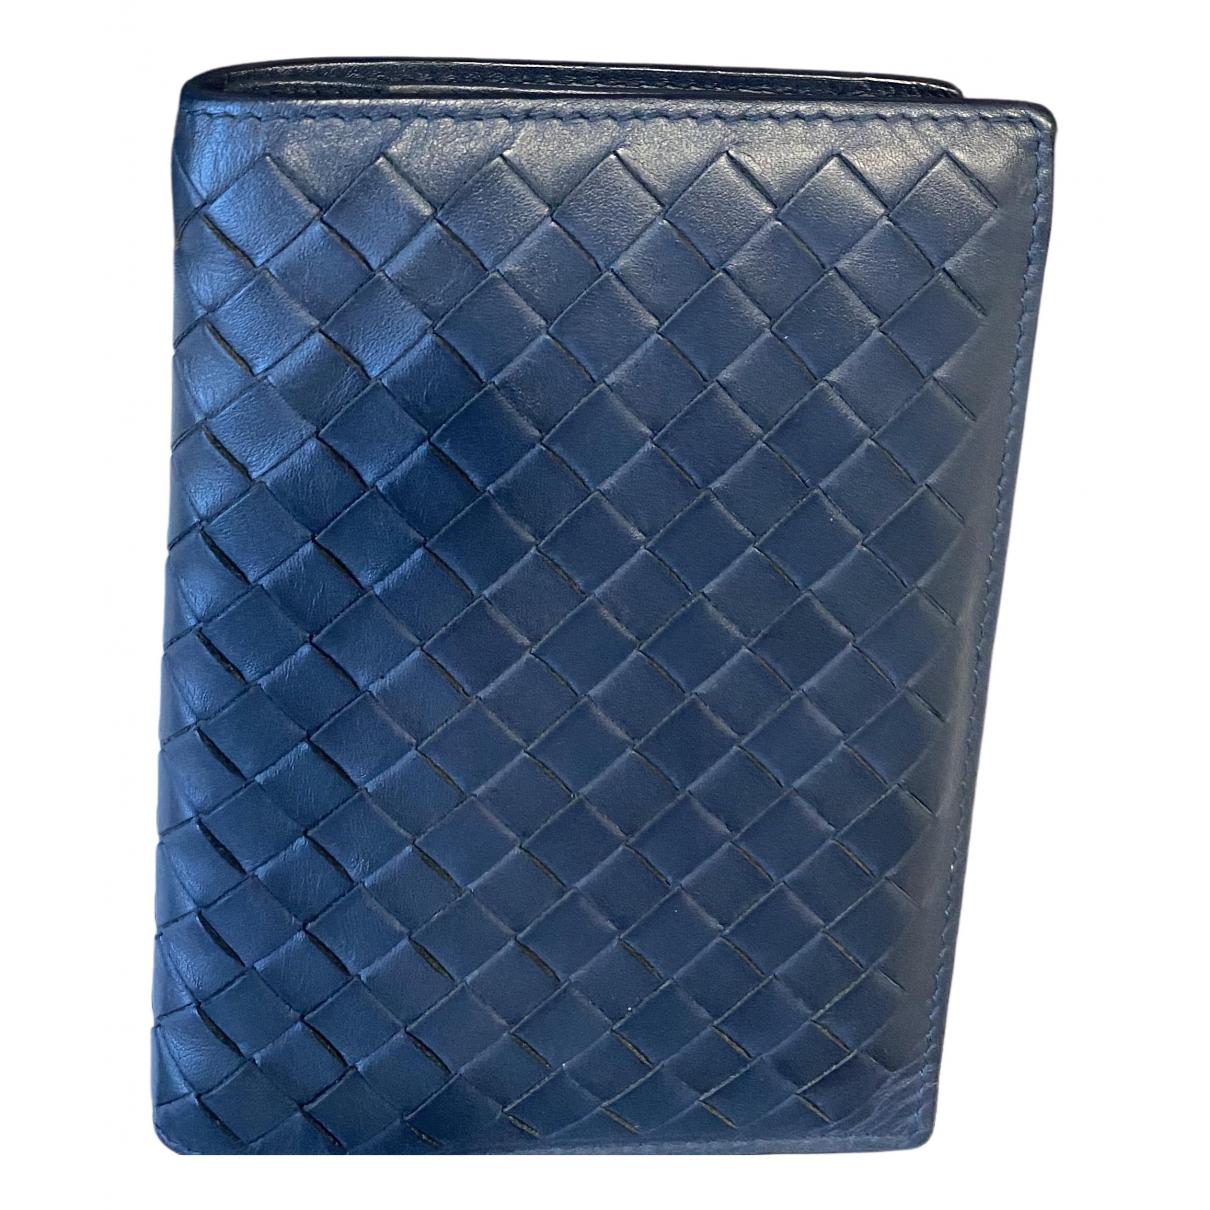 Bottega Veneta \N Navy Leather Small bag, wallet & cases for Men \N